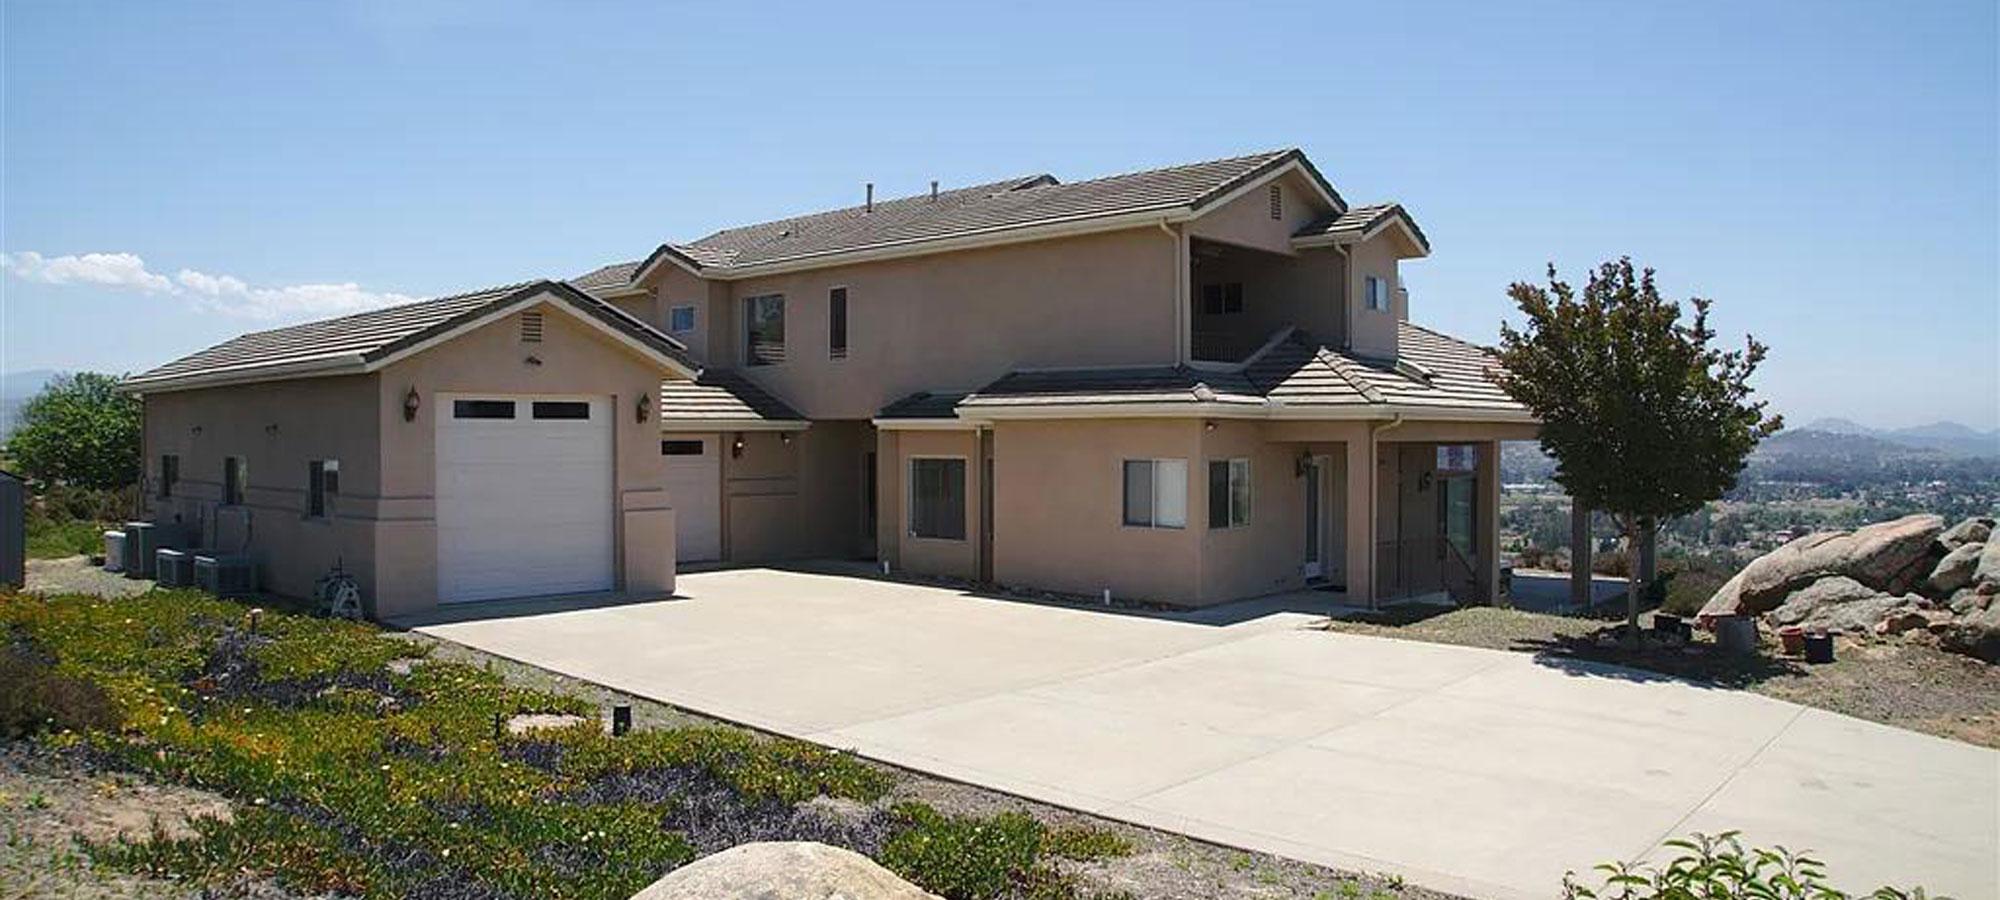 1093 Olive St. Ramona, CA 92065